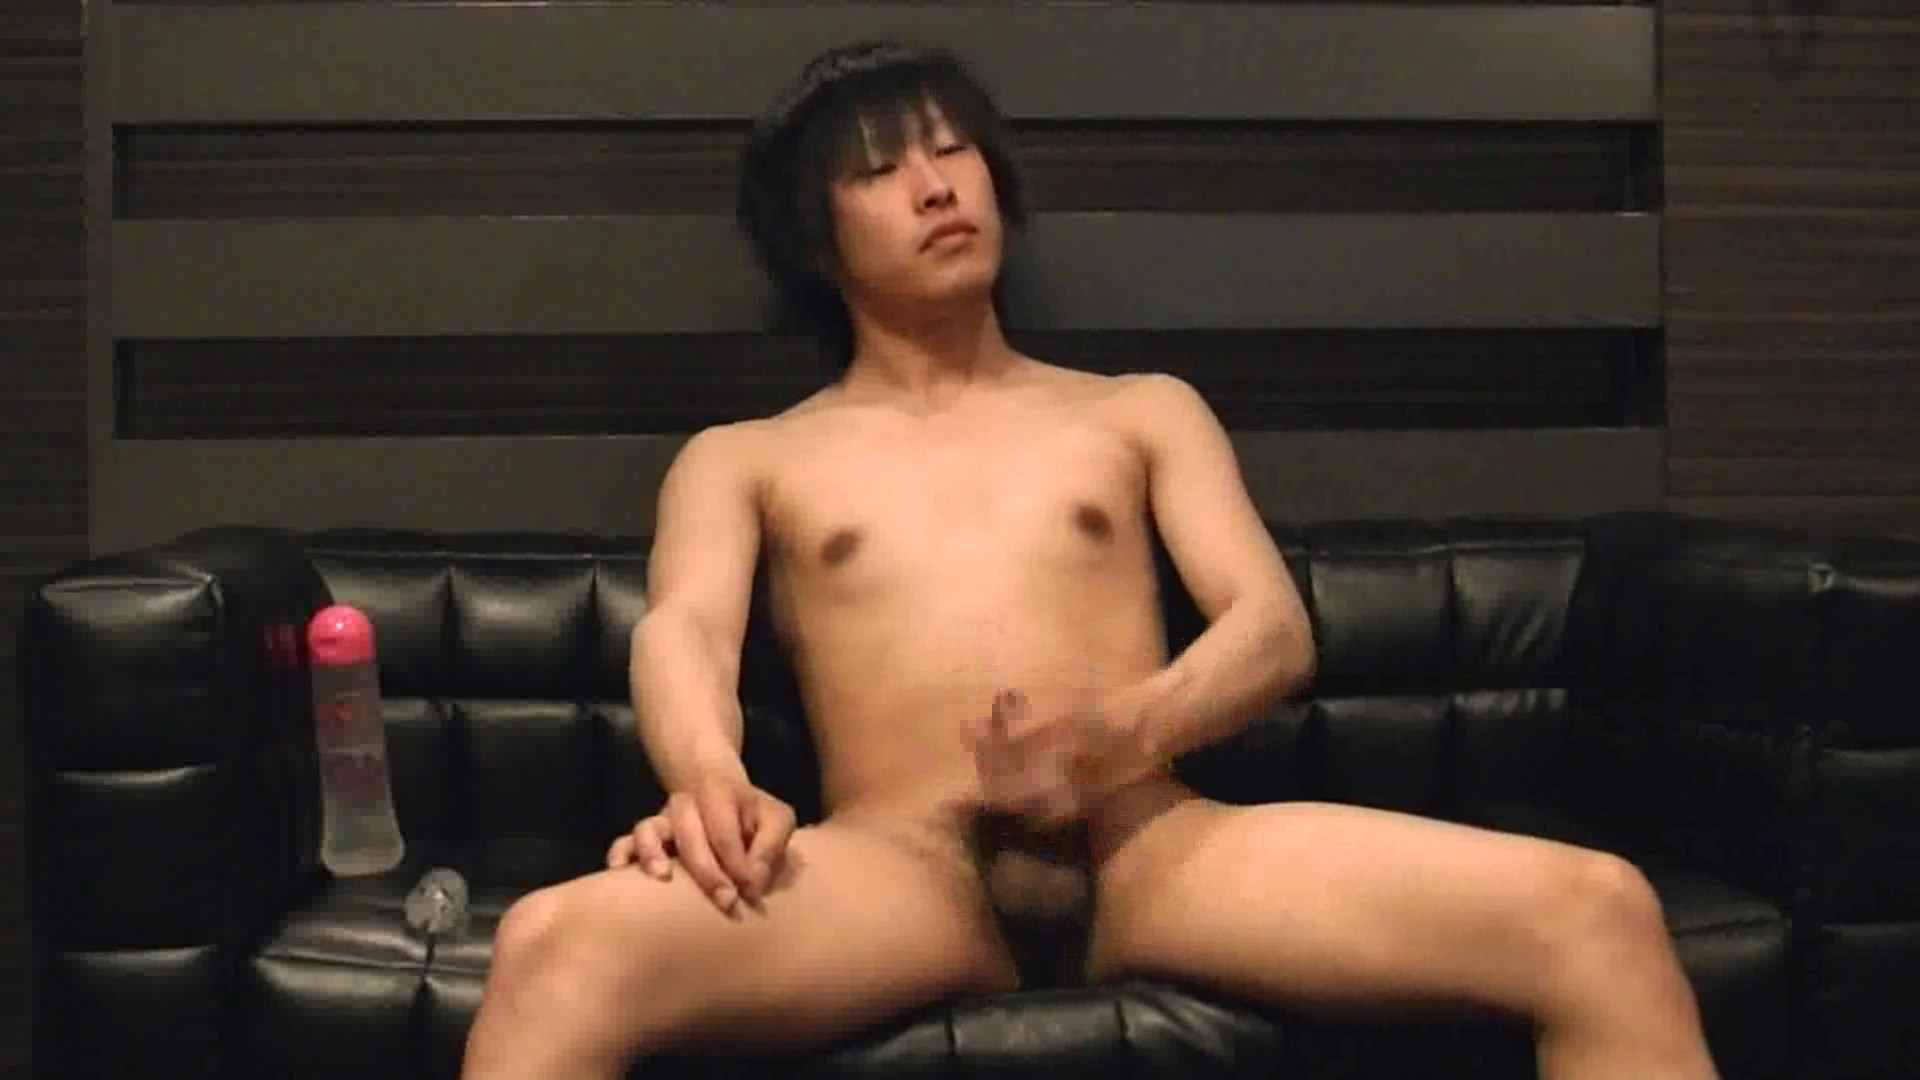 ONA見せカーニバル!! Vol6 イケメンたち ケツマンスケベ画像 109pic 78